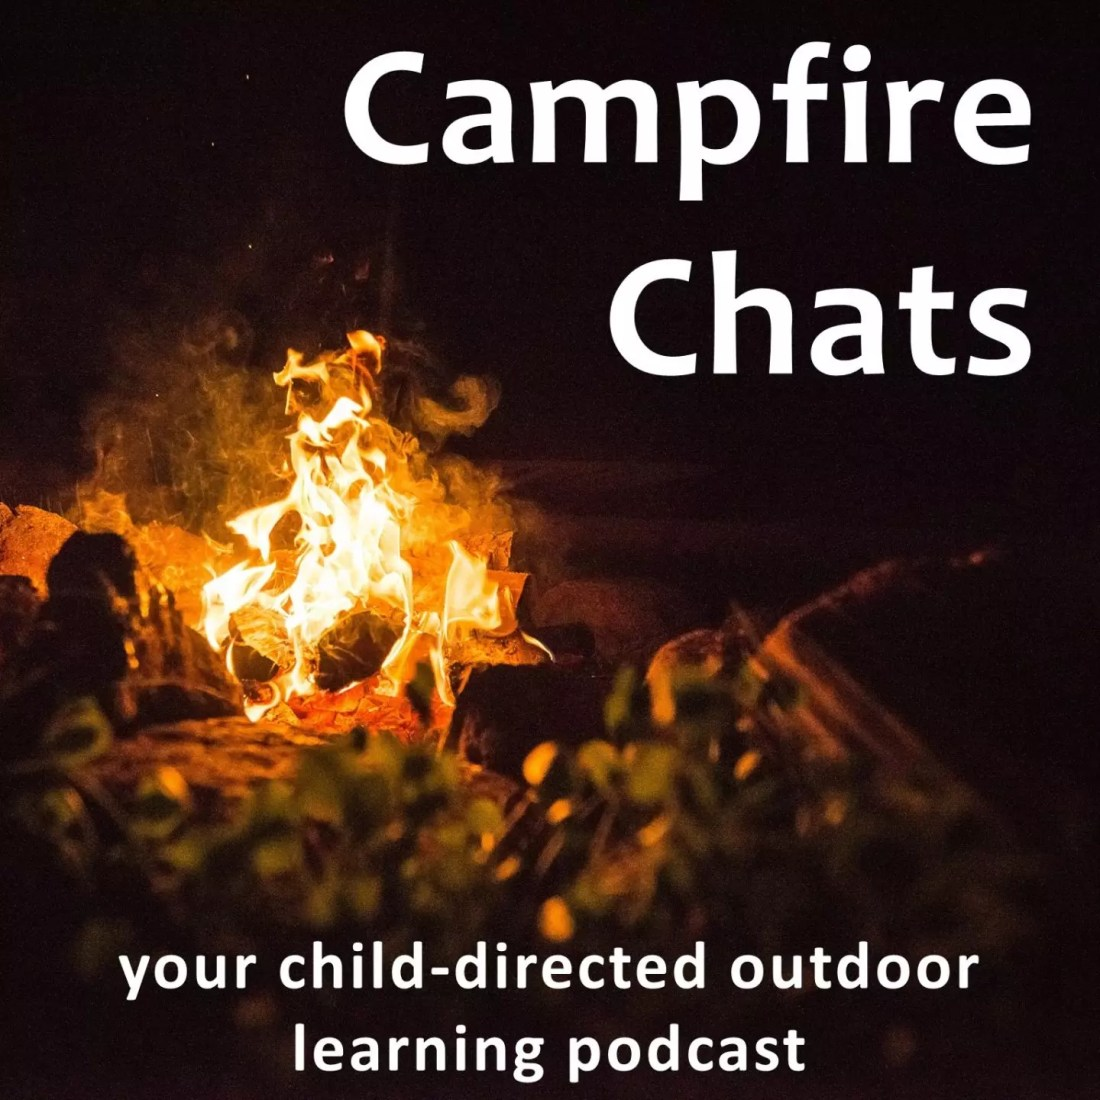 campfire chats logo